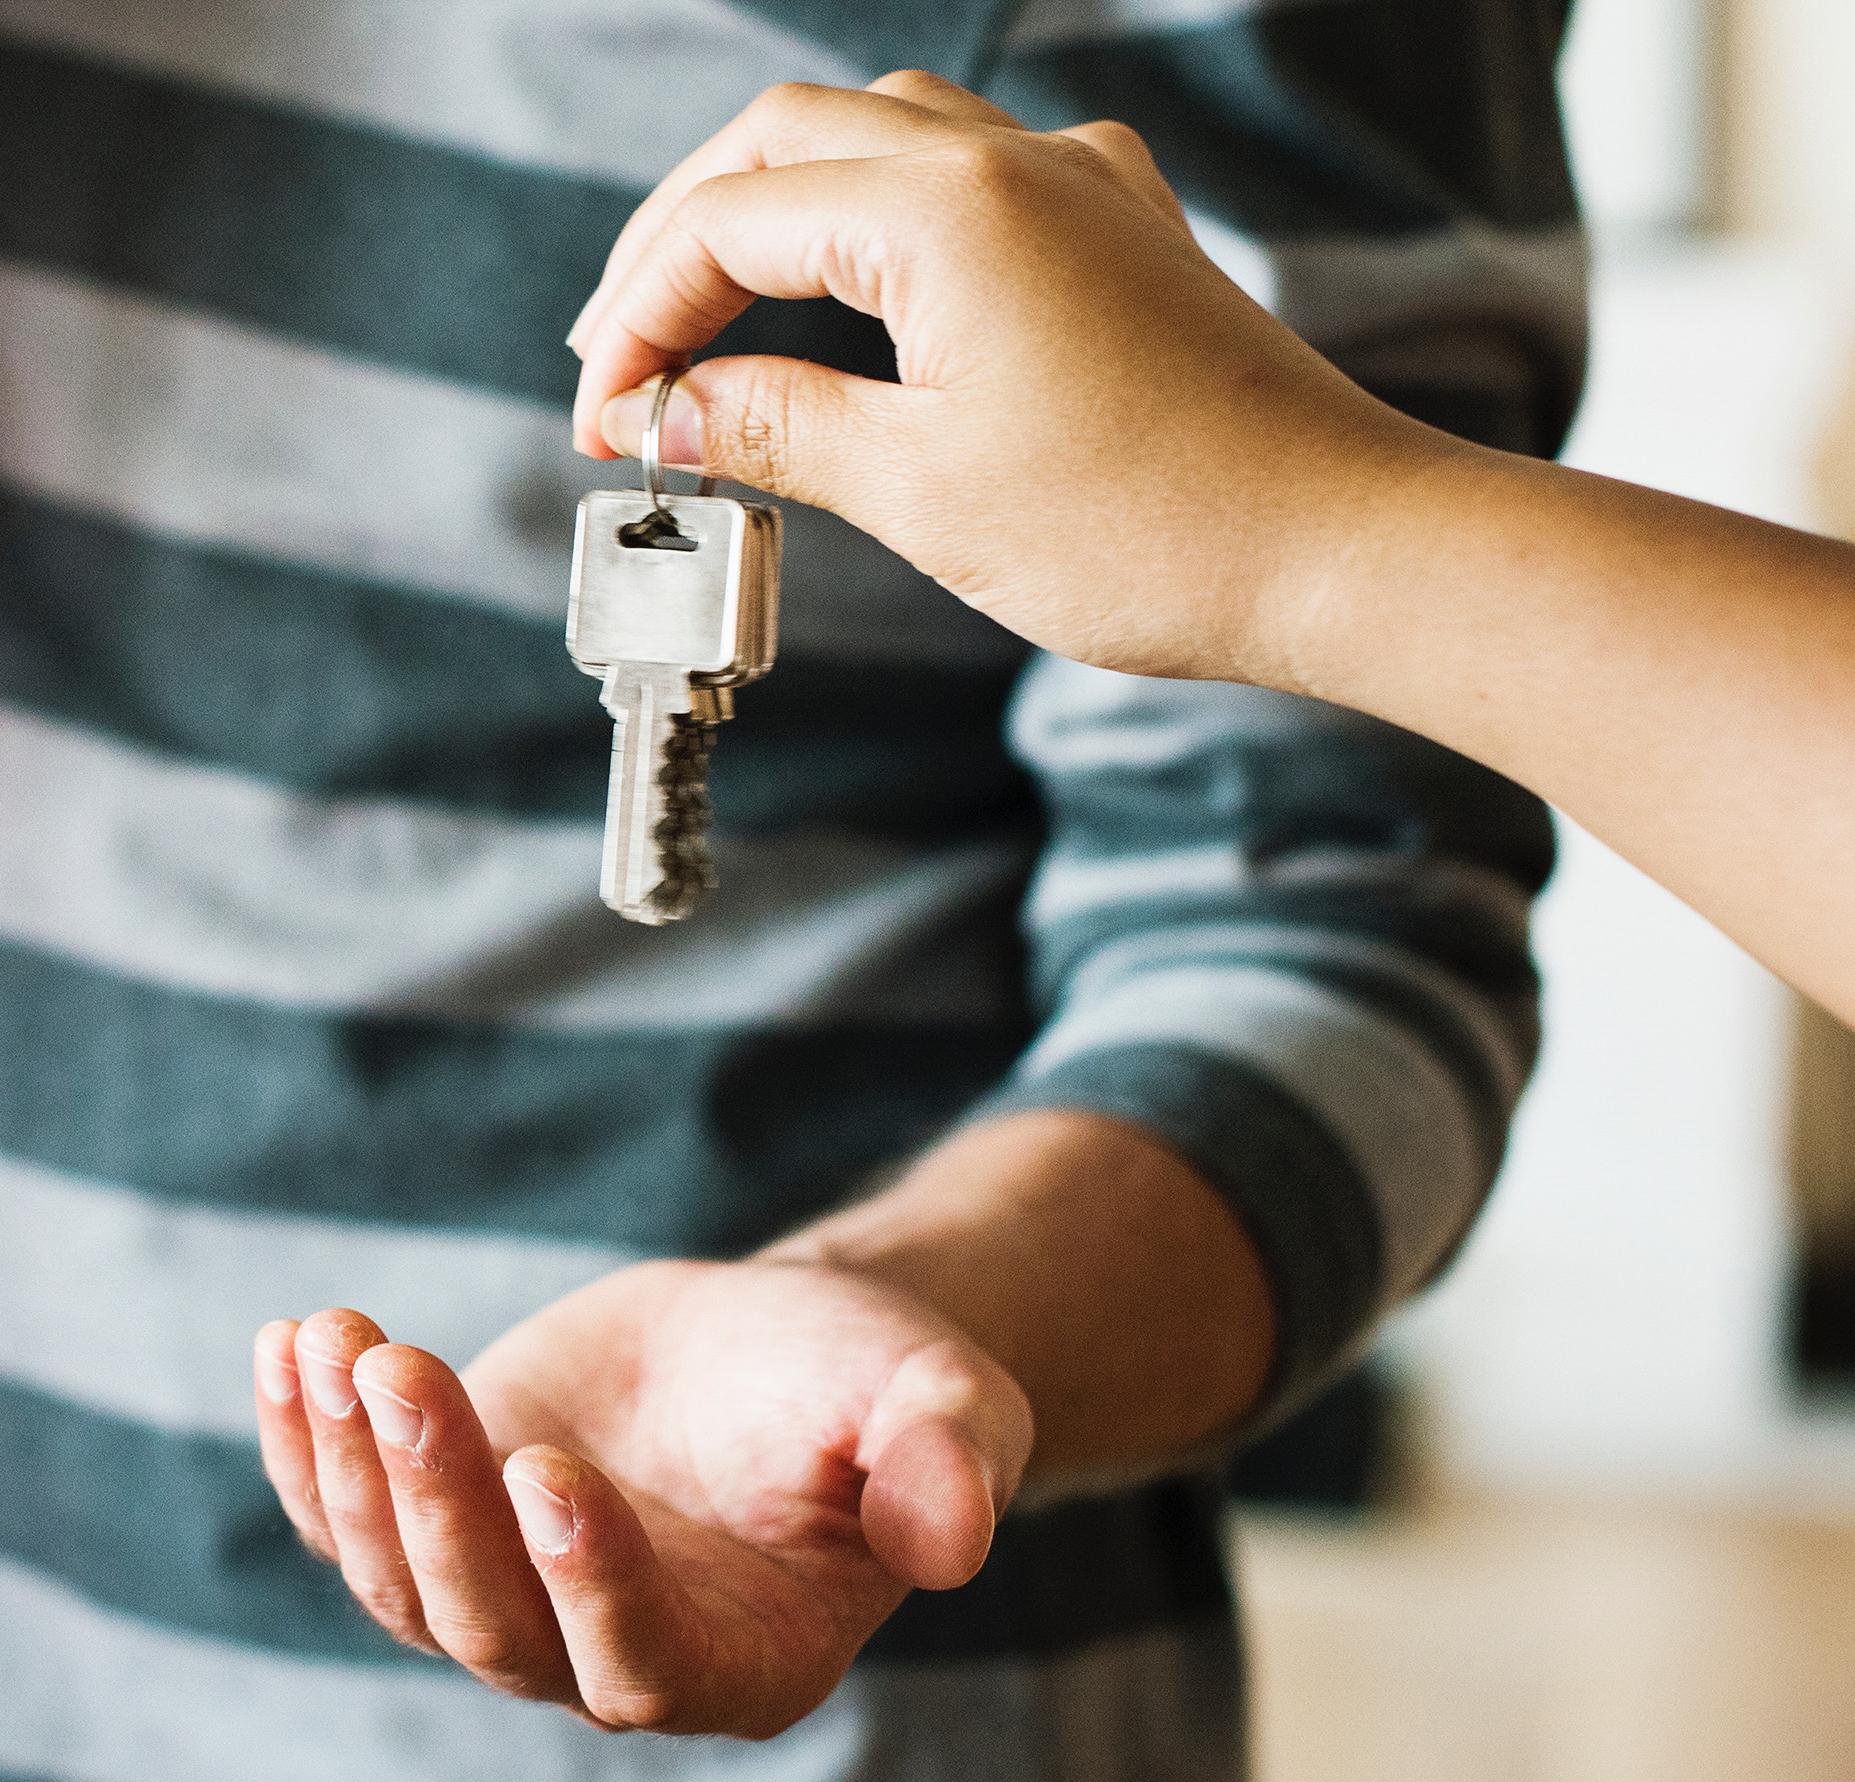 hipotecas AJD 1 A la espera de que el pleno del Supremo ratifique la jurisprudencia sobre impuesto hipotecario